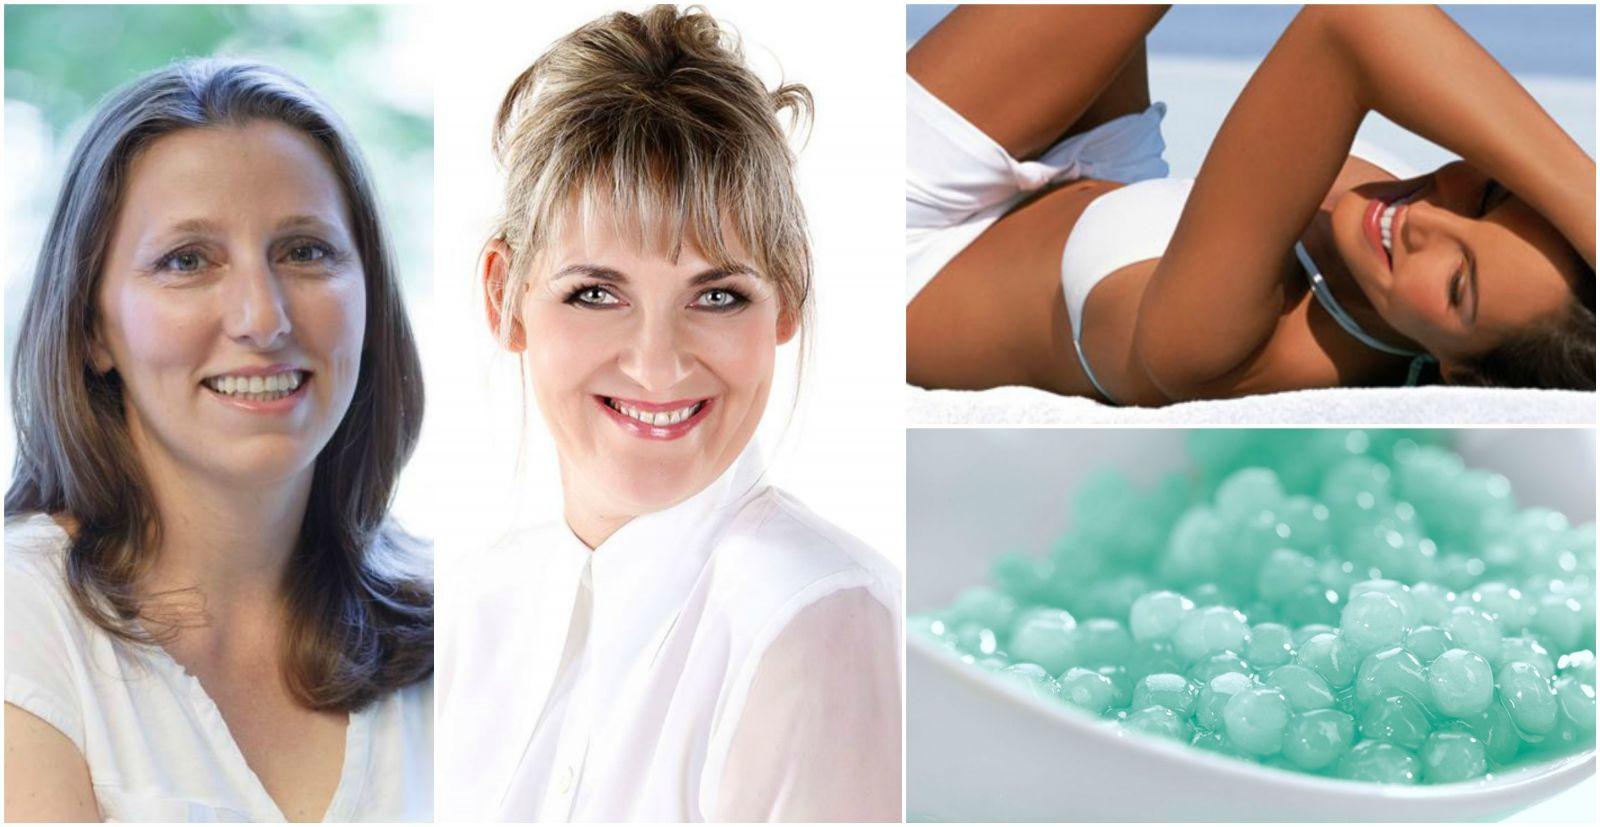 alakformálás nőknek, leghatékonyabb alakformálás, alakformálás gyorsan, alakformálás férfiaknak, fogyás hasról, fogyás combról, legjobb fogyasztó kezelés, fogyasztó kezelés budapest, fogyasztó testkezelések, alakformáló kezelések, kozmetika budapest, kozmetikus budapest, testekezés budapest